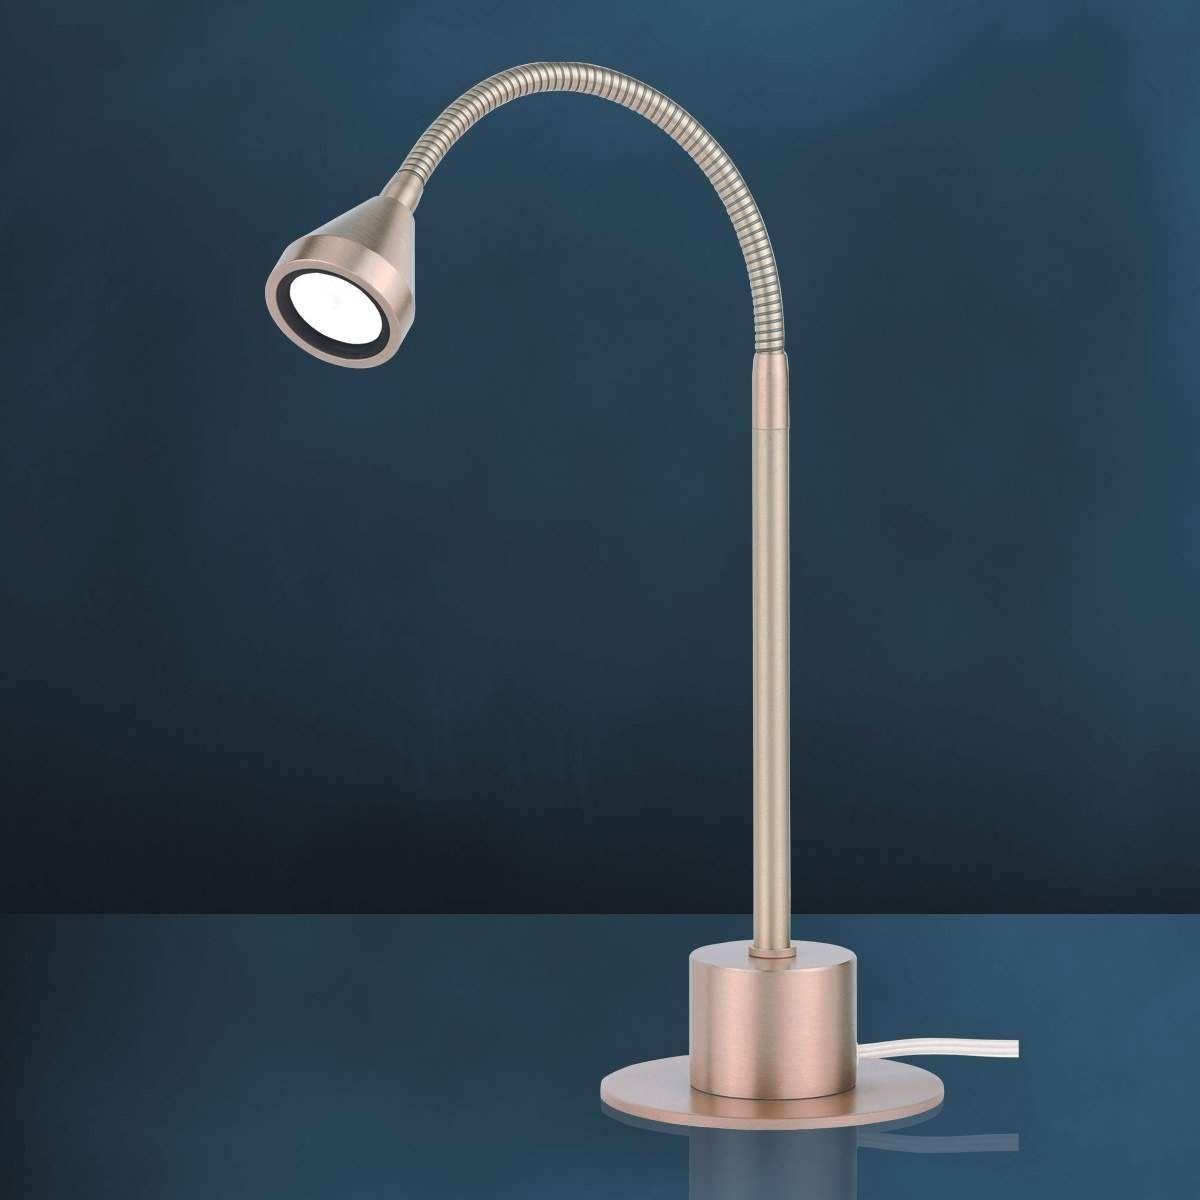 Lampe Mit Batterie Ikea